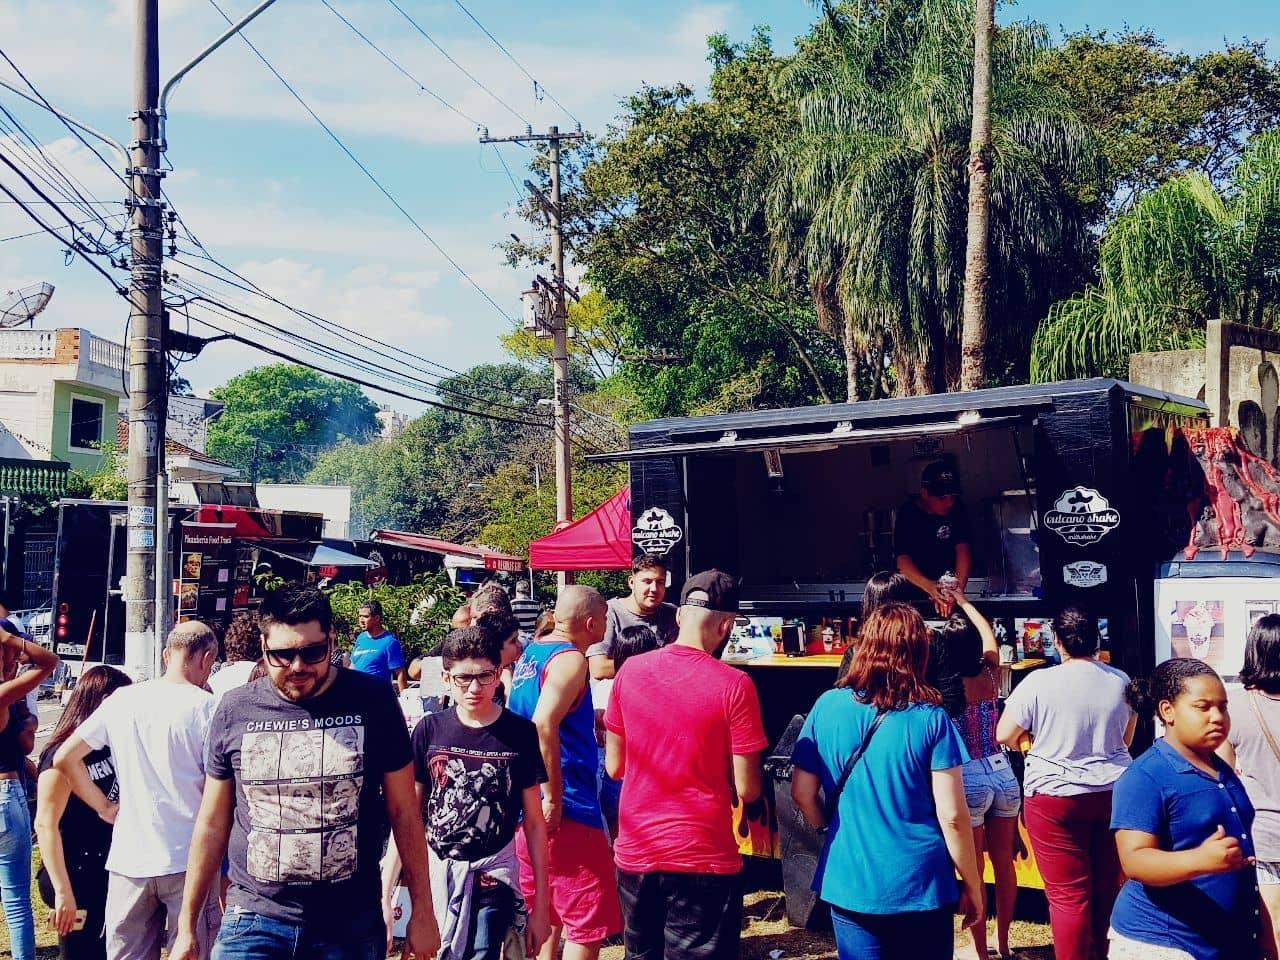 Comida, bebida e interação popular, é o que se espera de um bom festival Food Truck. Foto: AtitudeG3